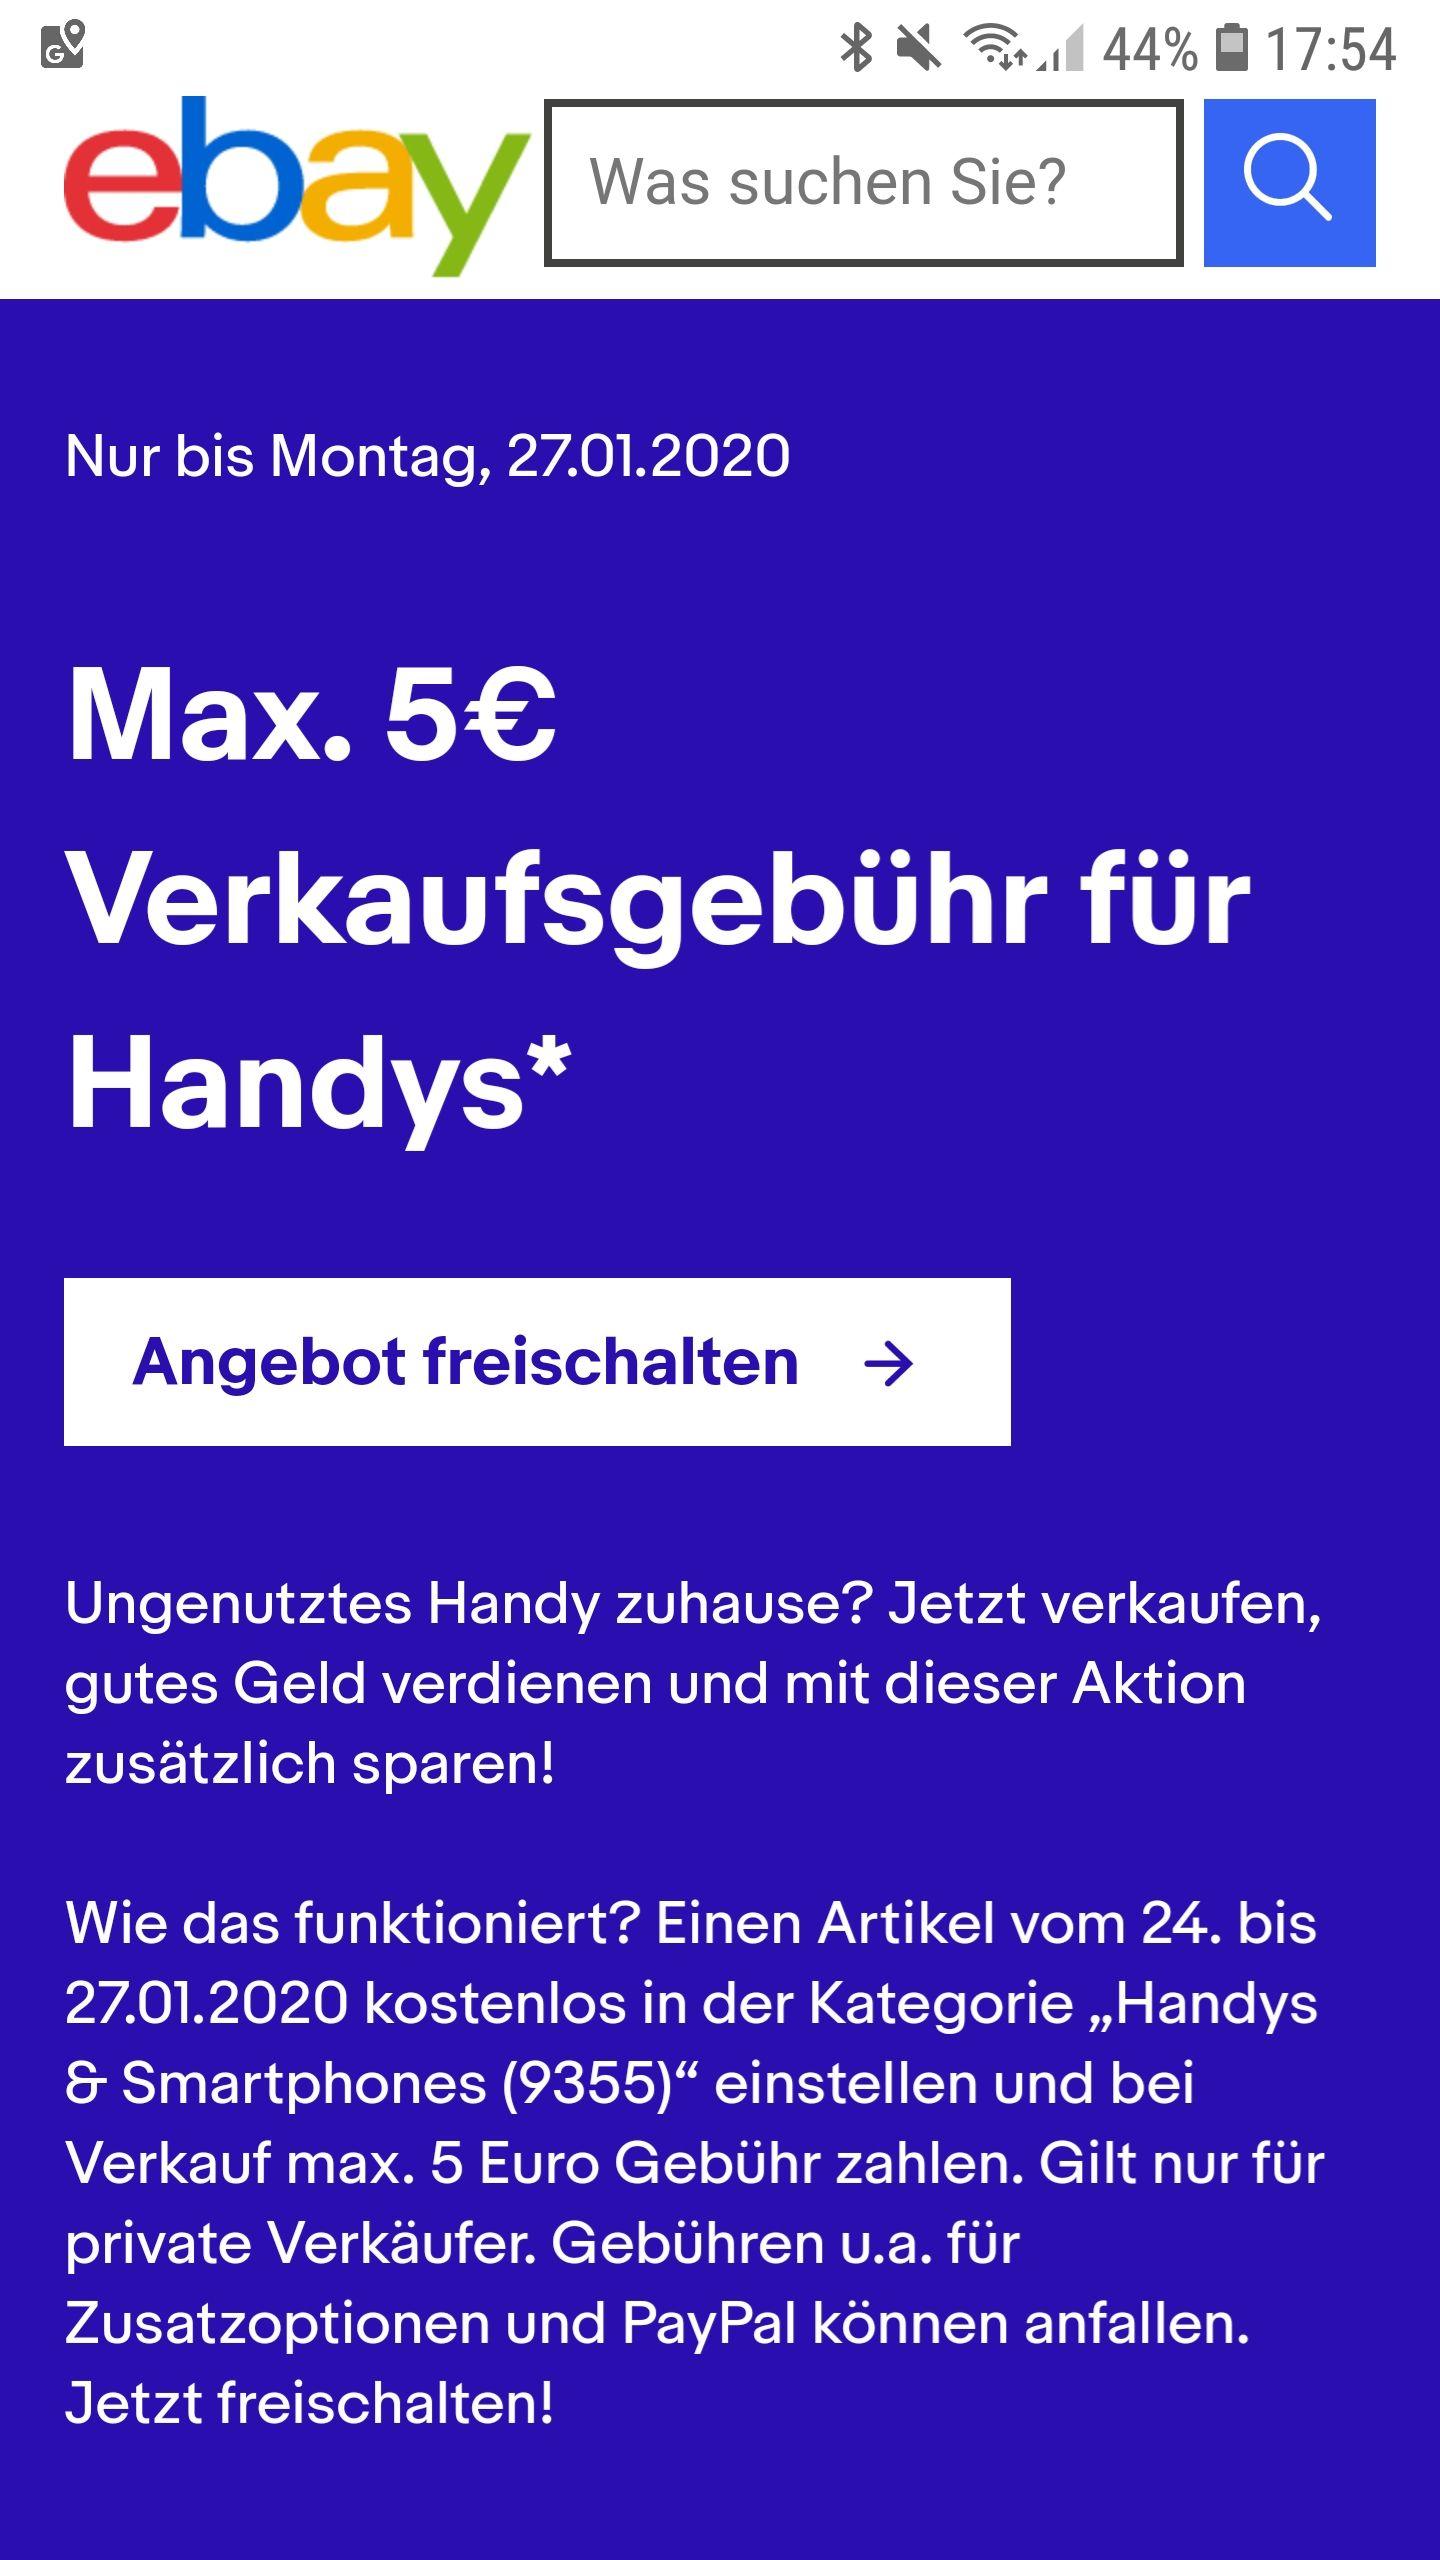 Maximal 5€ Gebühr beim Handyverkauf auf eBay bezahlen. (Für eingeladene Verkäufer)